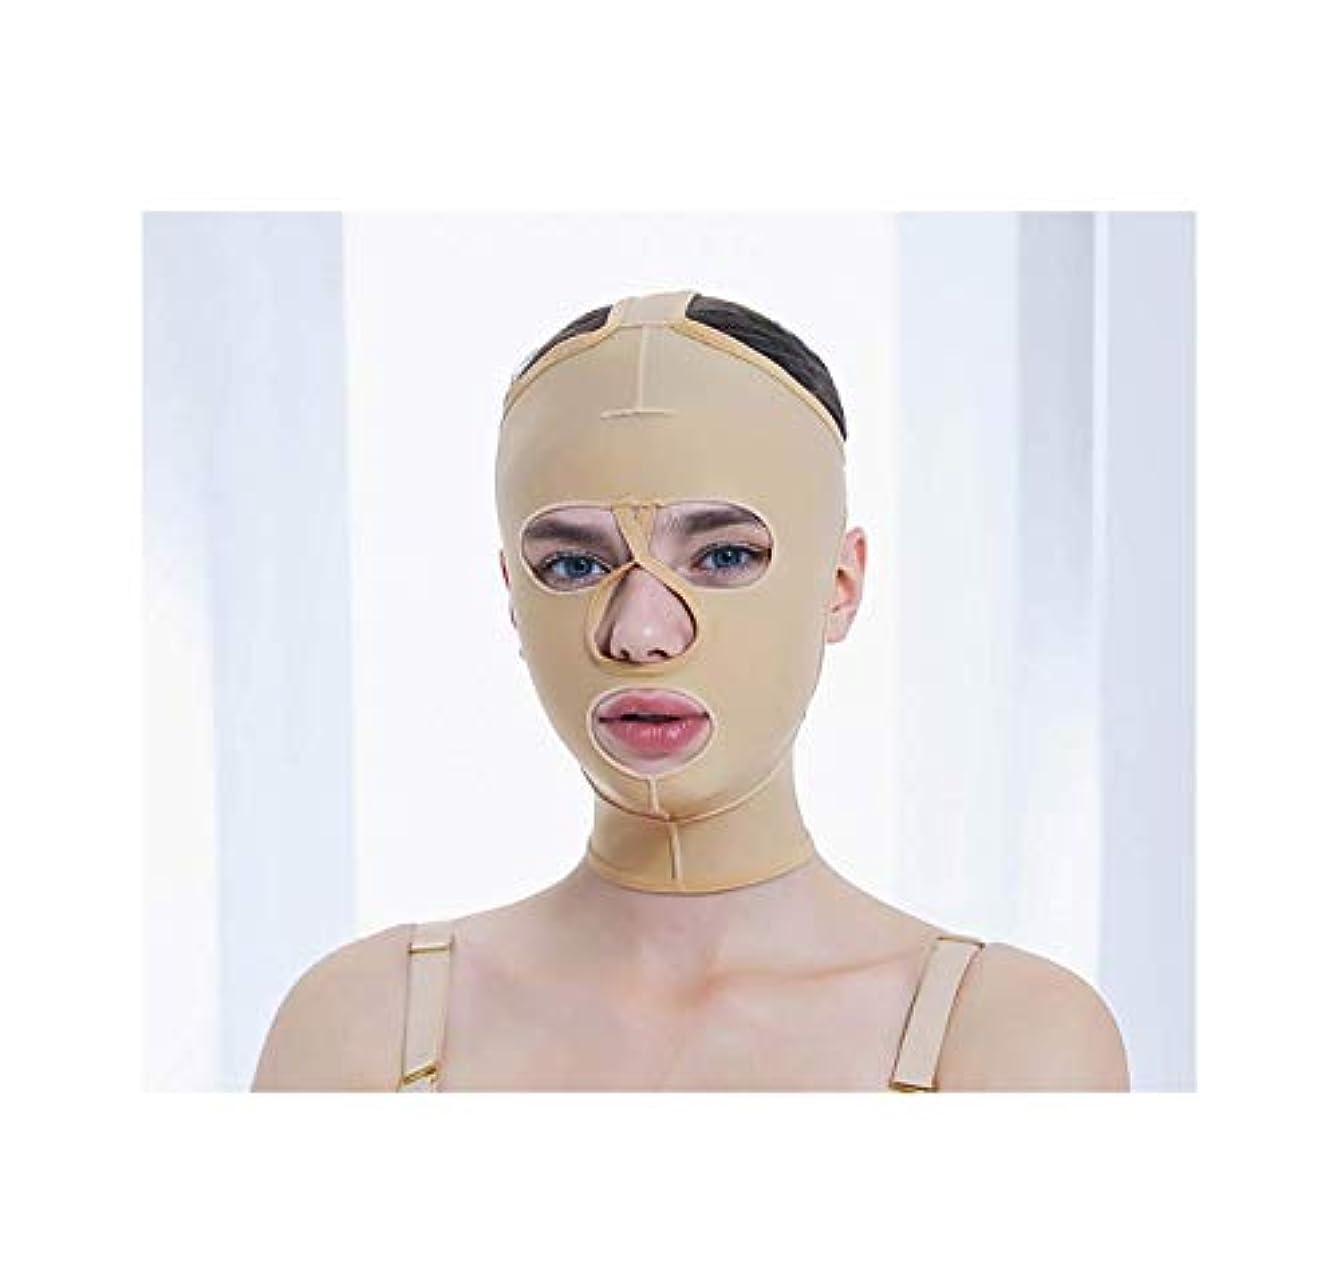 フェイス&ネックリフト、減量フェイスマスク脂肪吸引術脂肪吸引整形マスクフードフェイスリフティングアーティファクトVフェイスビームフェイス弾性スリーブ(サイズ:XS),XS